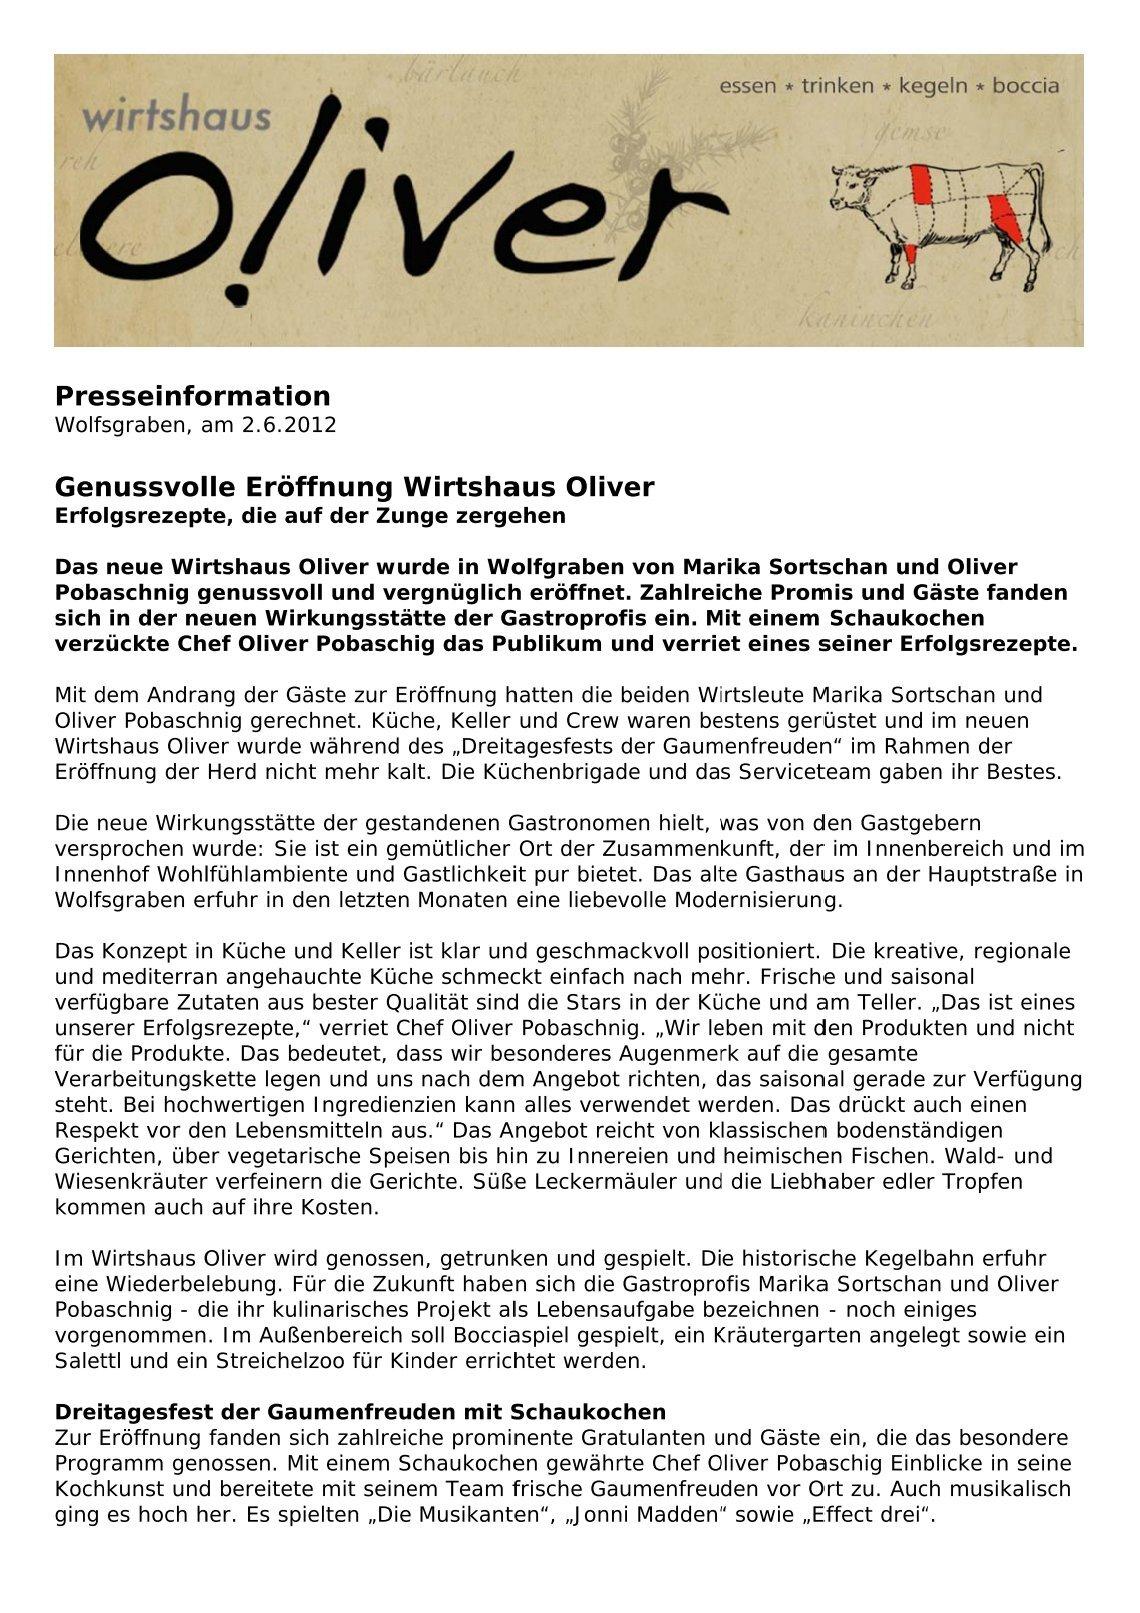 Niedlich Küchenbrigade Fotos - Küchenschrank Ideen - hemmahososs.info